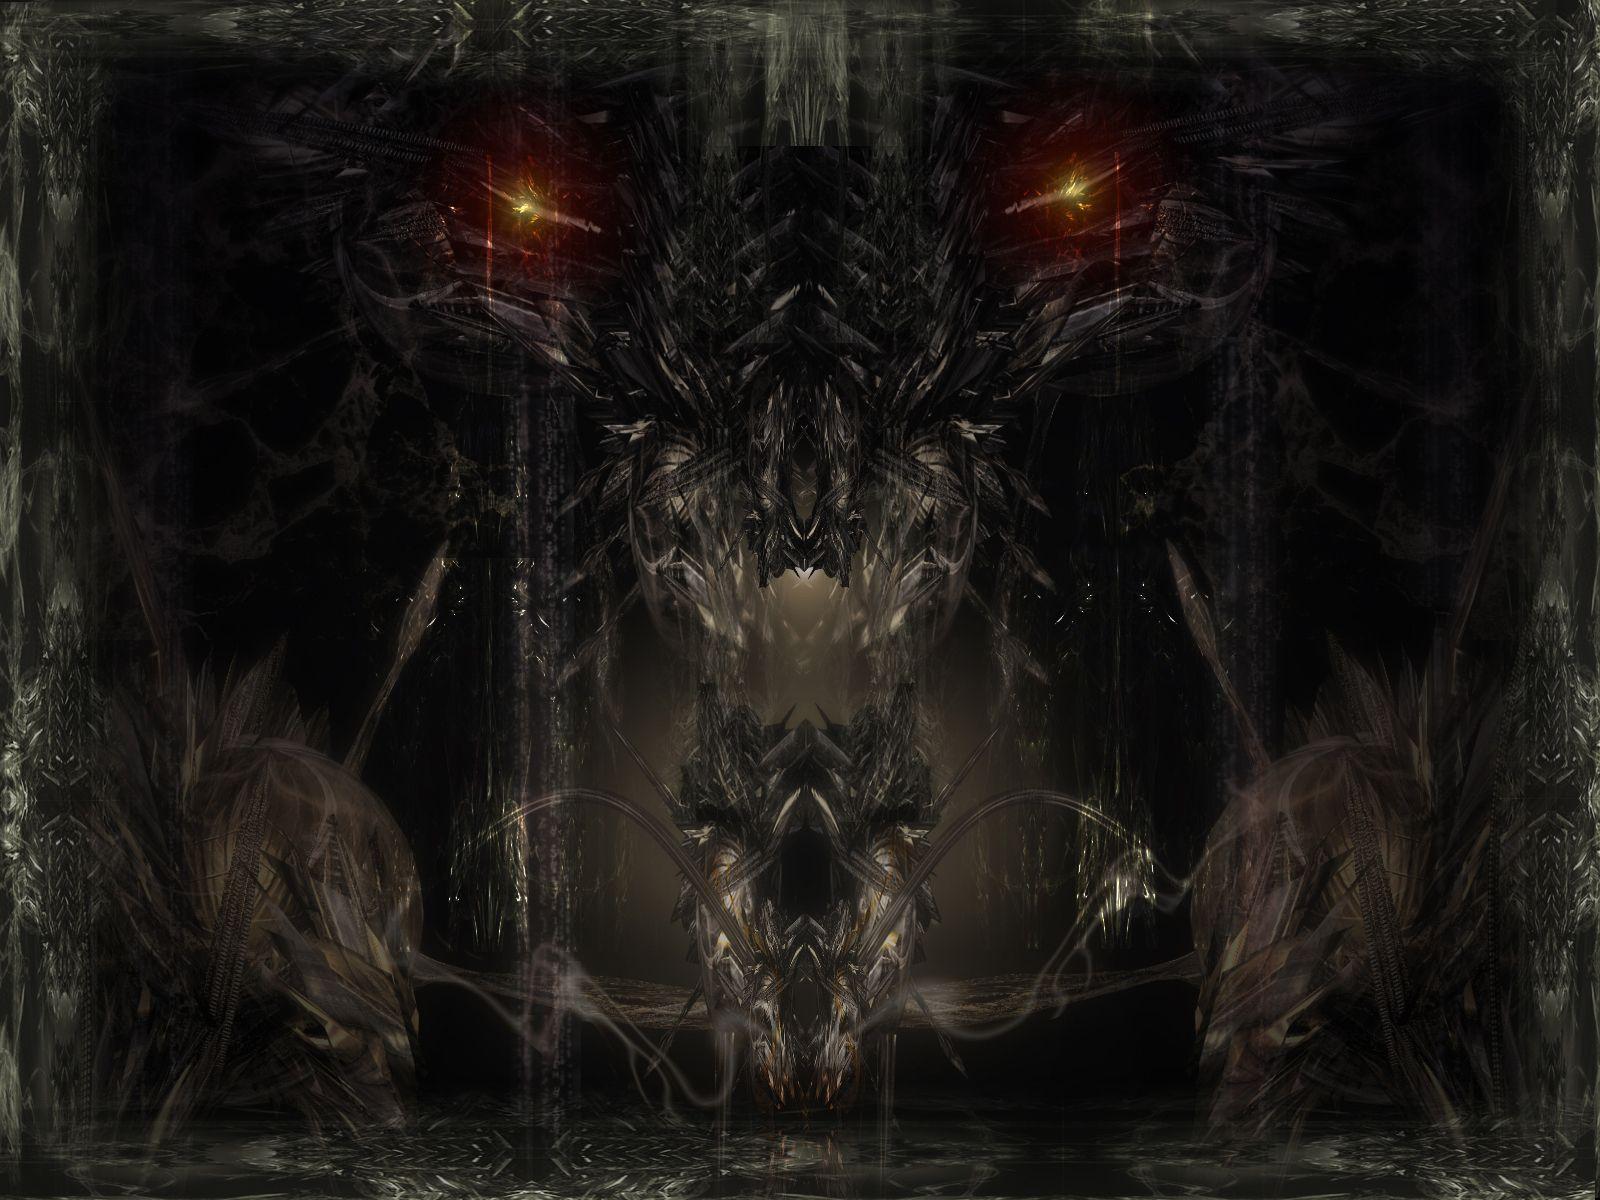 gothic wallpaper - gothic wallpaper (4850480) - fanpop | dark